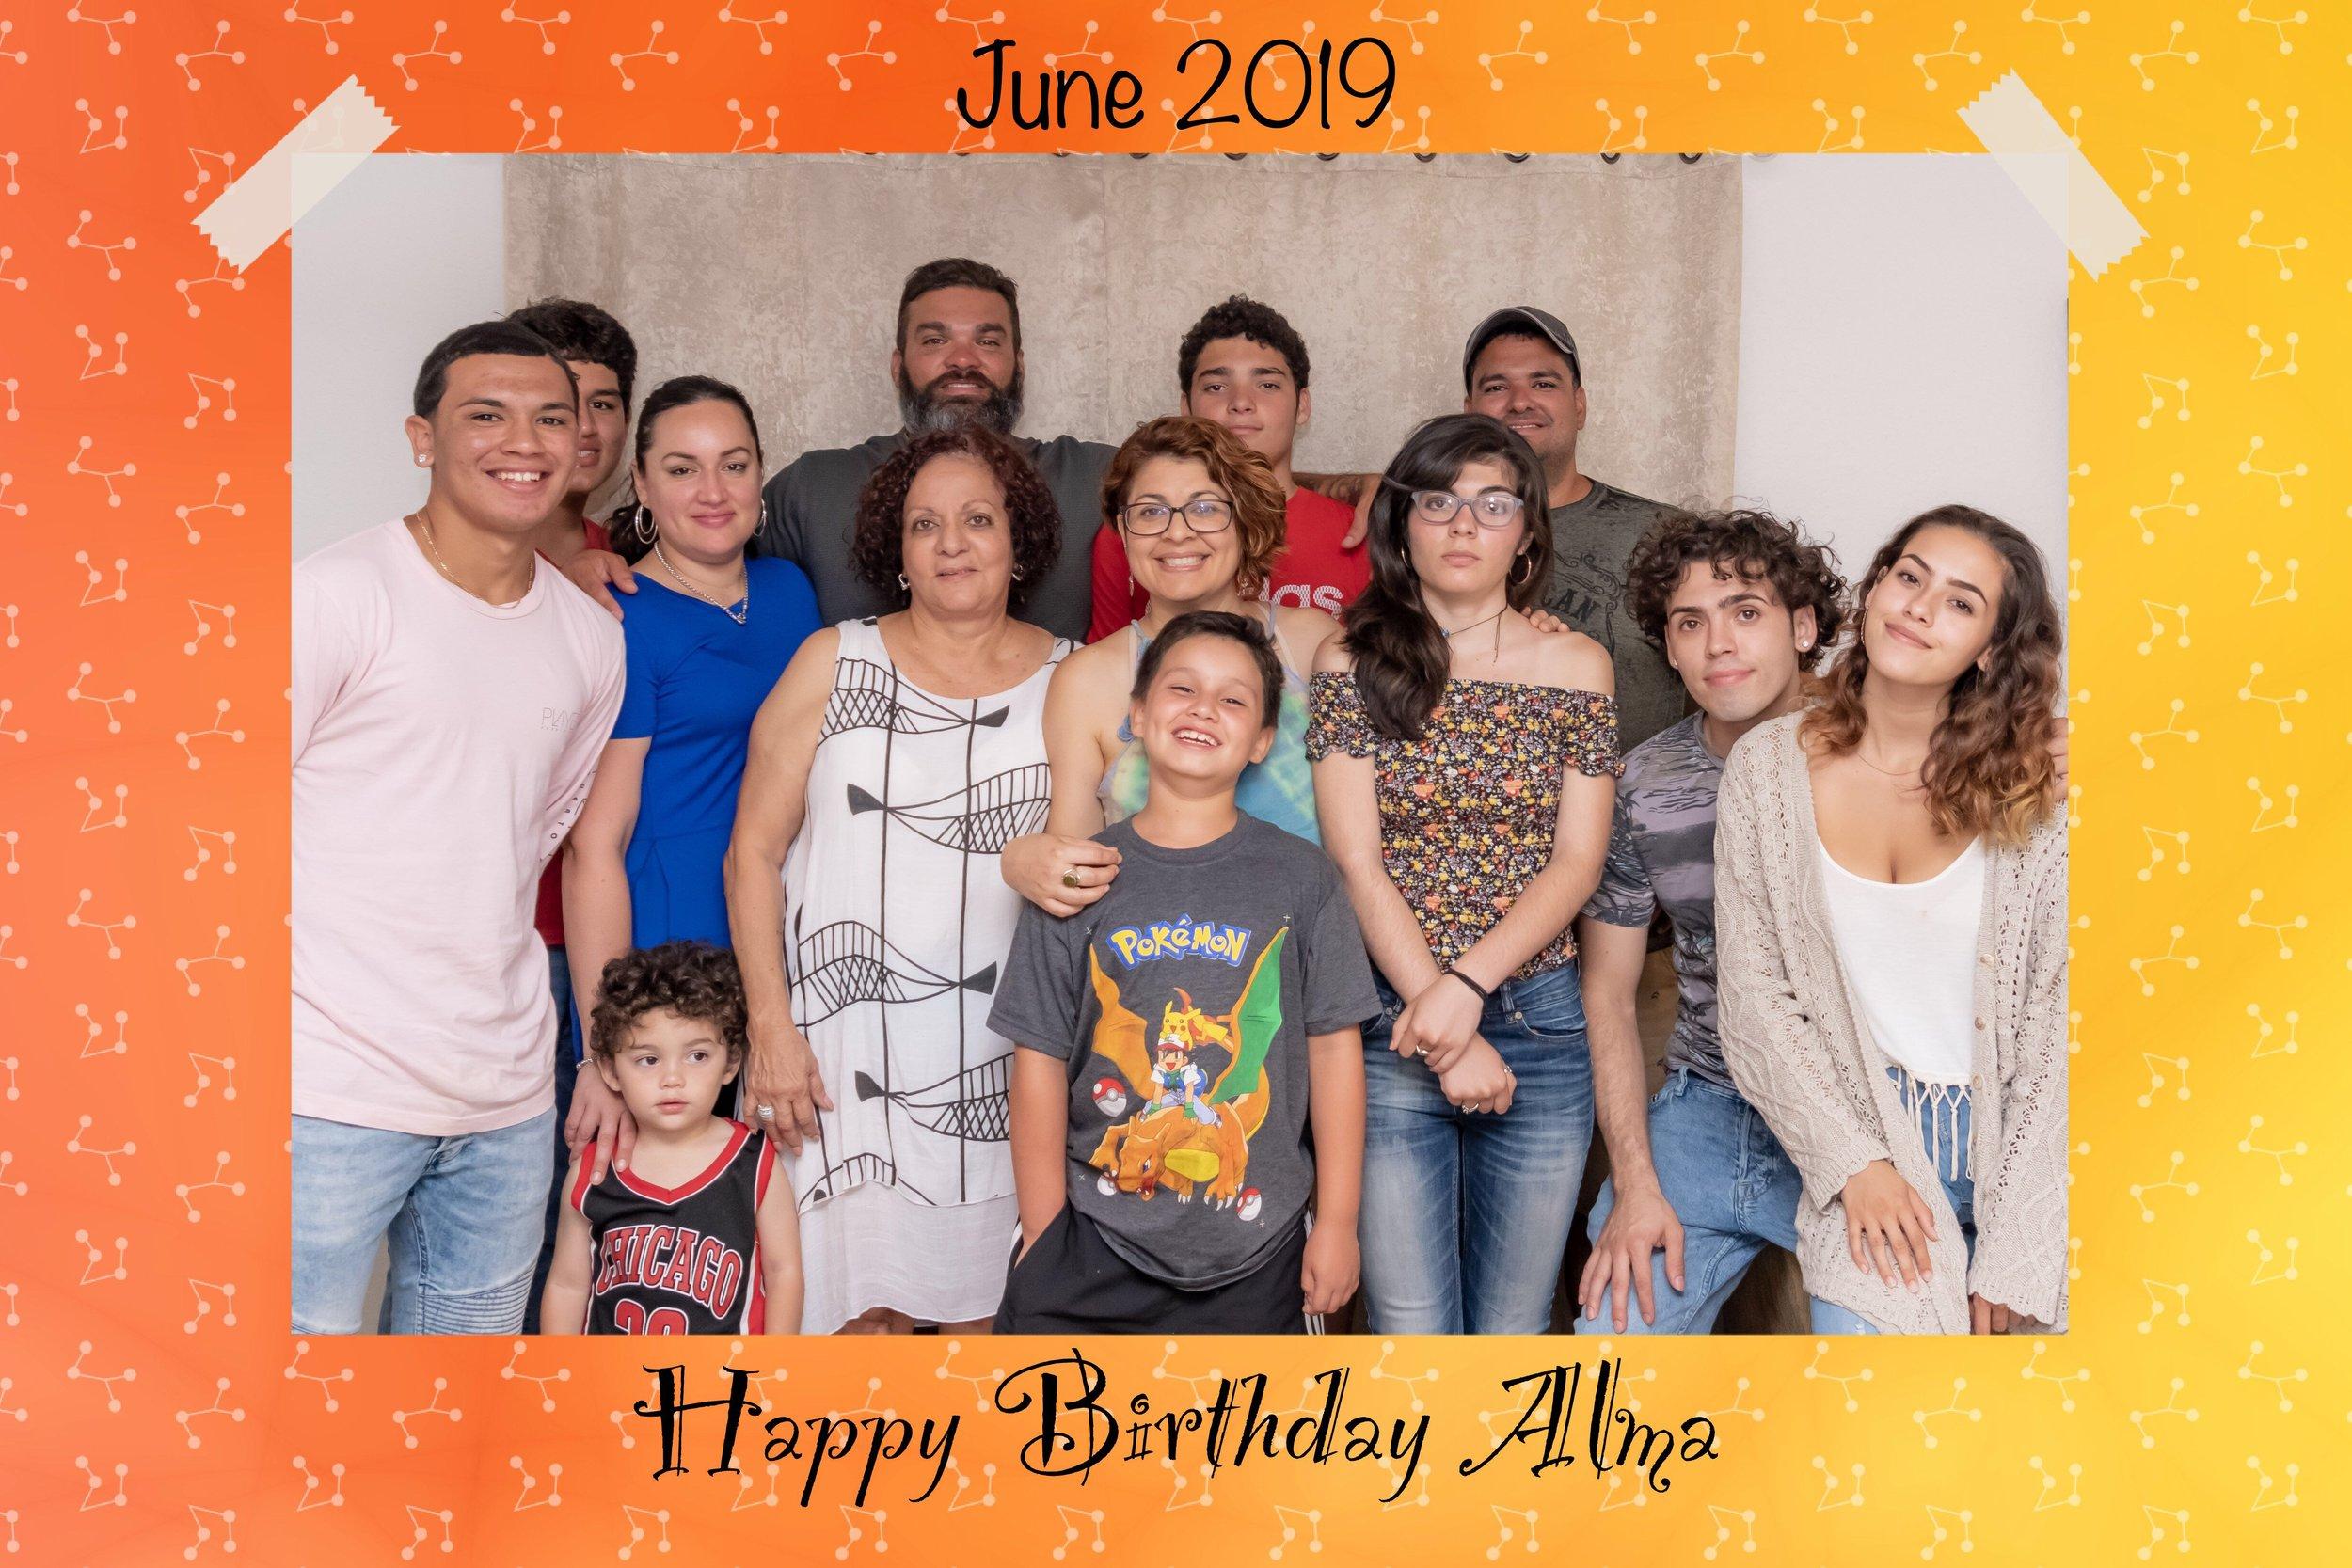 Happy Birthday Alma! - 72 never looked so good!